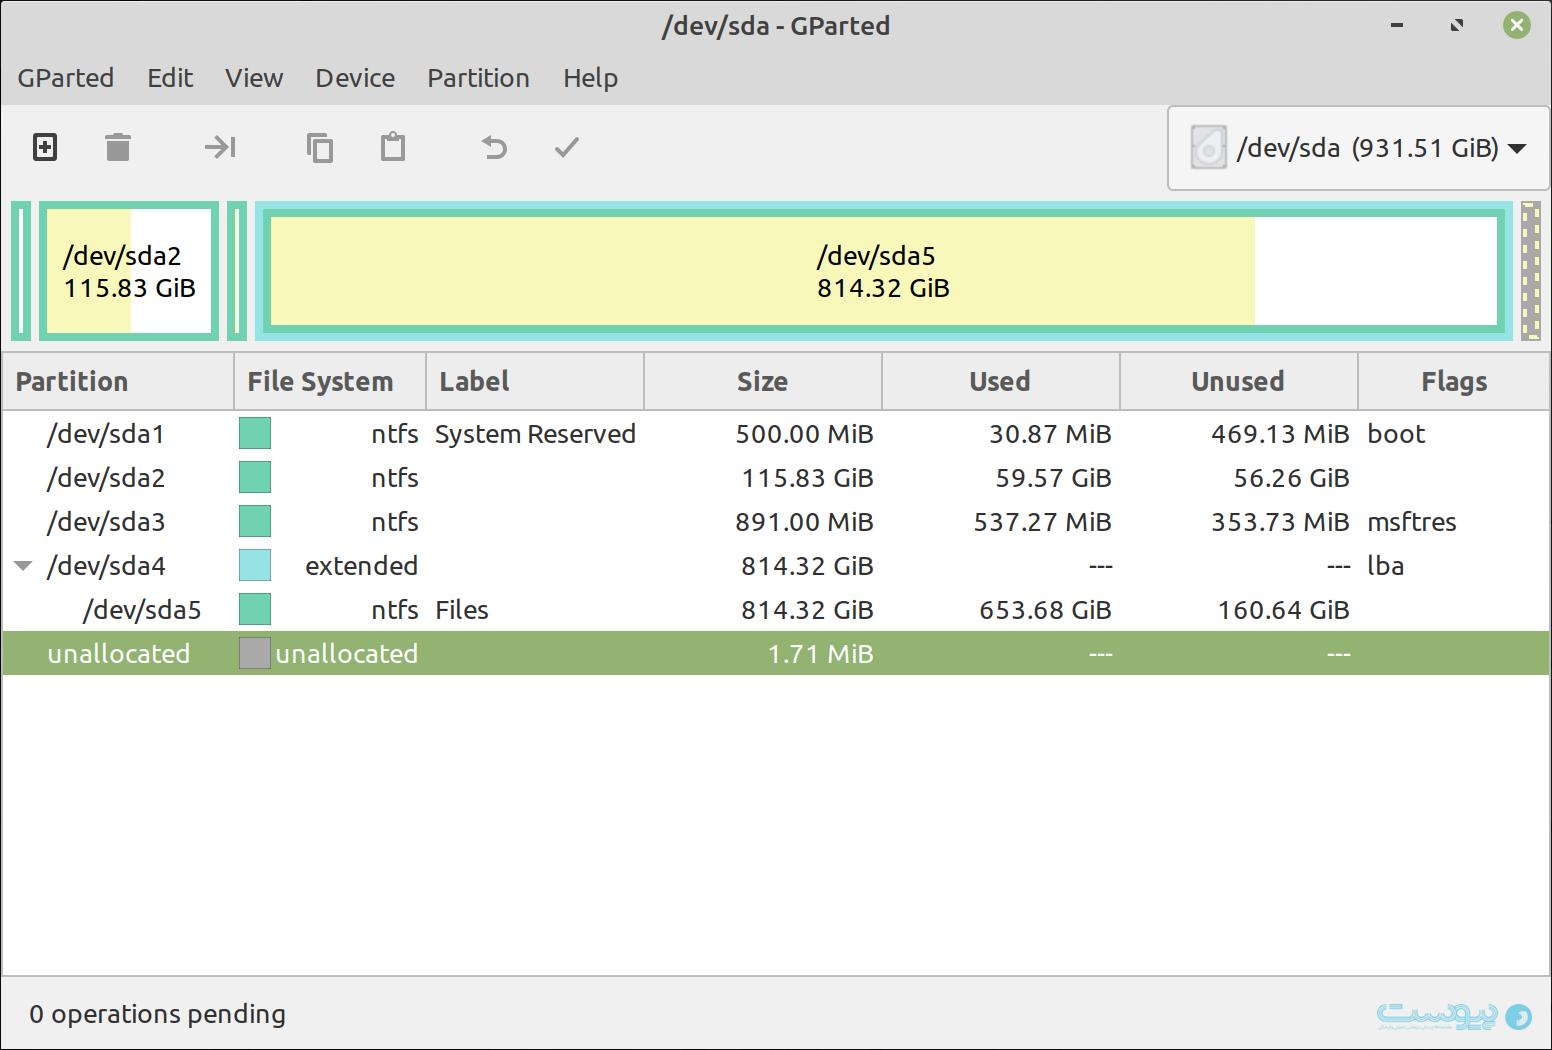 نرمافزار Gparted در لینوکس مینت